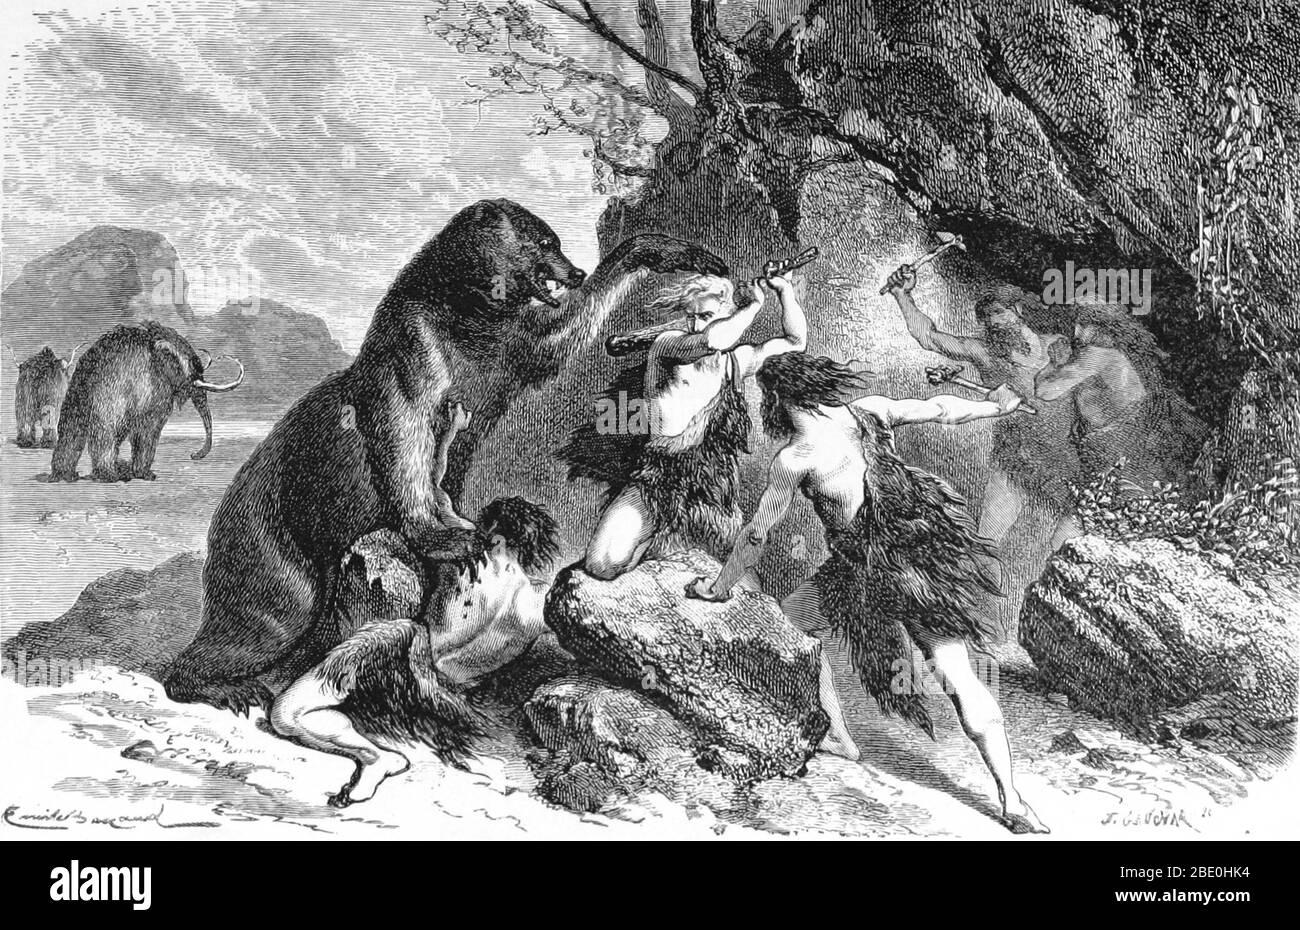 Hombres prehistóricos utilizando palos de madera y hacha de piedra para defenderse de los ataques de un gran oso cueva. El oso cueva (Ursus spelaeus) era una especie de oso que vivía en Europa durante el Pleistoceno y se extinguió al principio del último máximo glacial, hace unos 27,500 años. Las mamografías se pueden ver en el fondo. Un mamoto es cualquier especie del género extinto Mammuthus, proboscideans equipados comúnmente con colmillos largos y curvos y, en especies del norte, una cubierta de pelo largo. Vivieron desde la época del Plioceno (hace unos 5 millones de años) hasta el Holoceno hace unos 4,500 años en A. Foto de stock